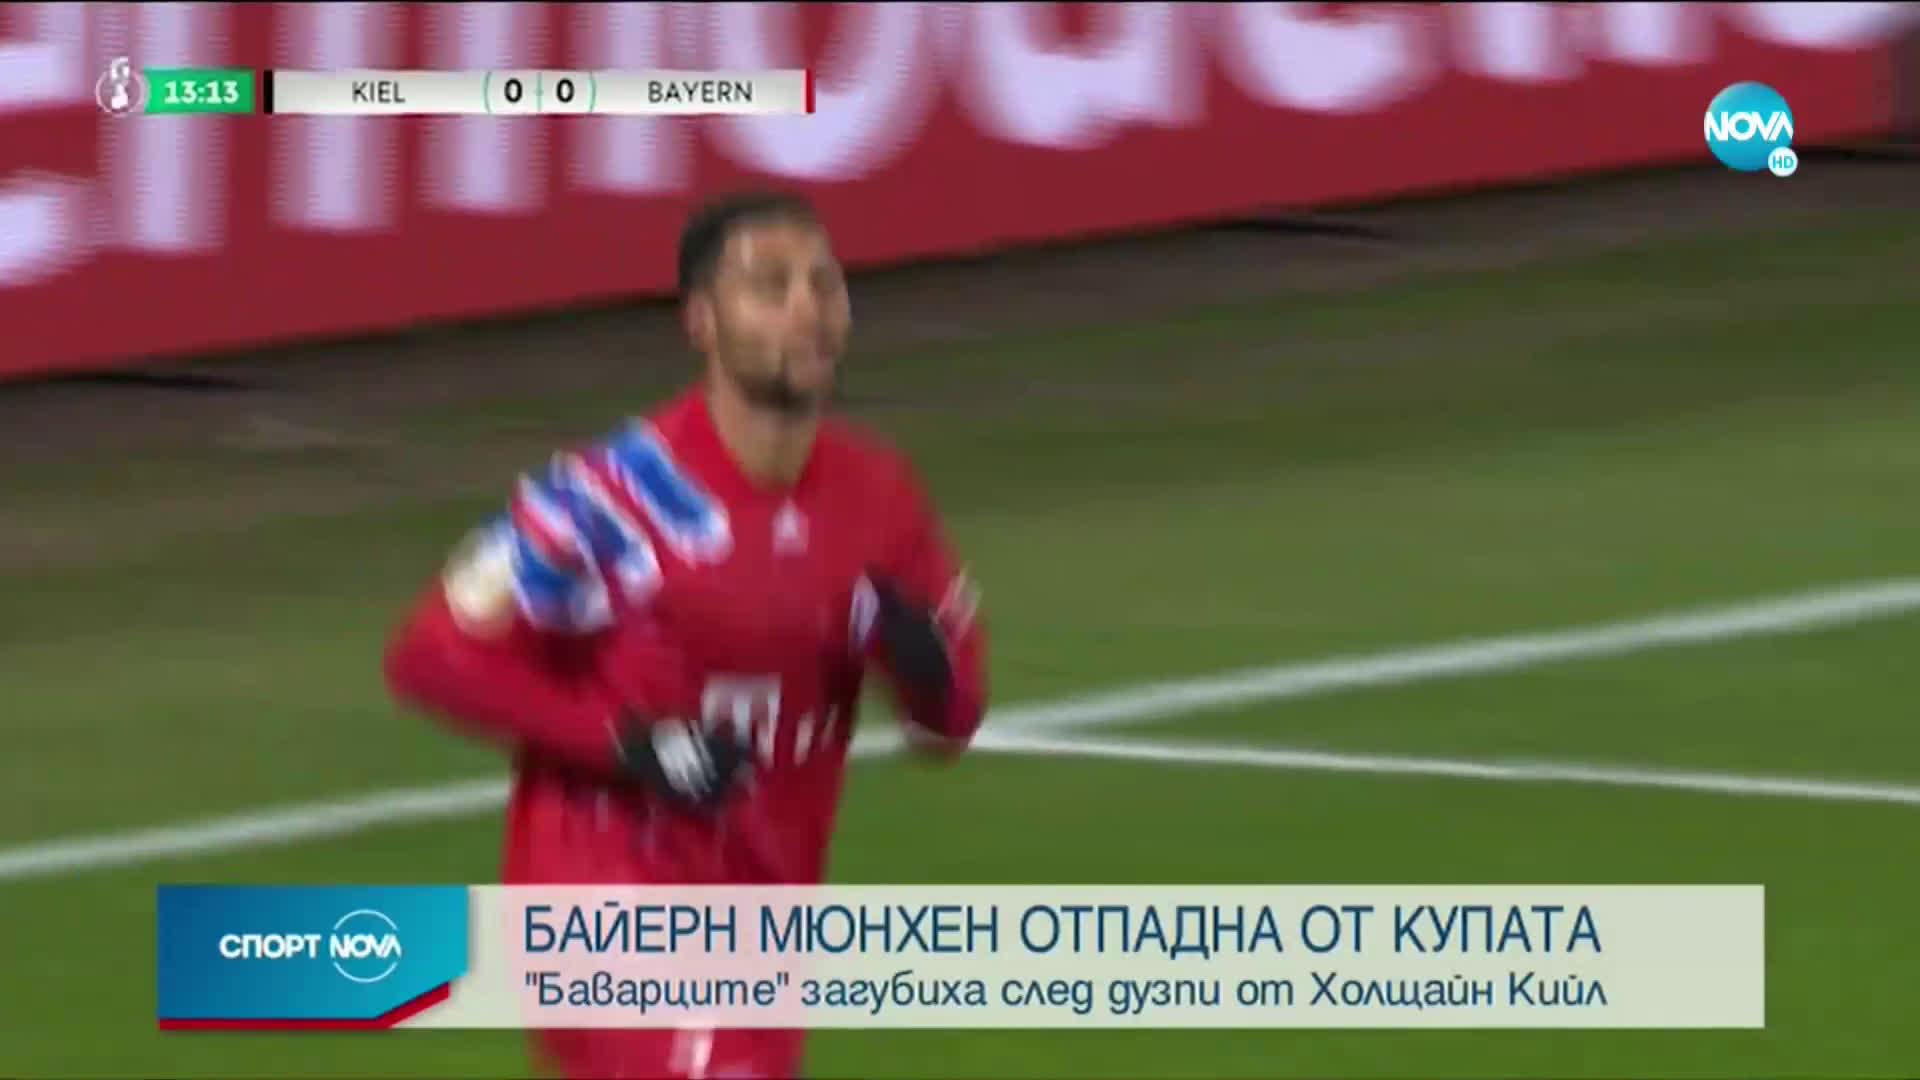 Спортни новини (14.01.2021 - обедна емисия)